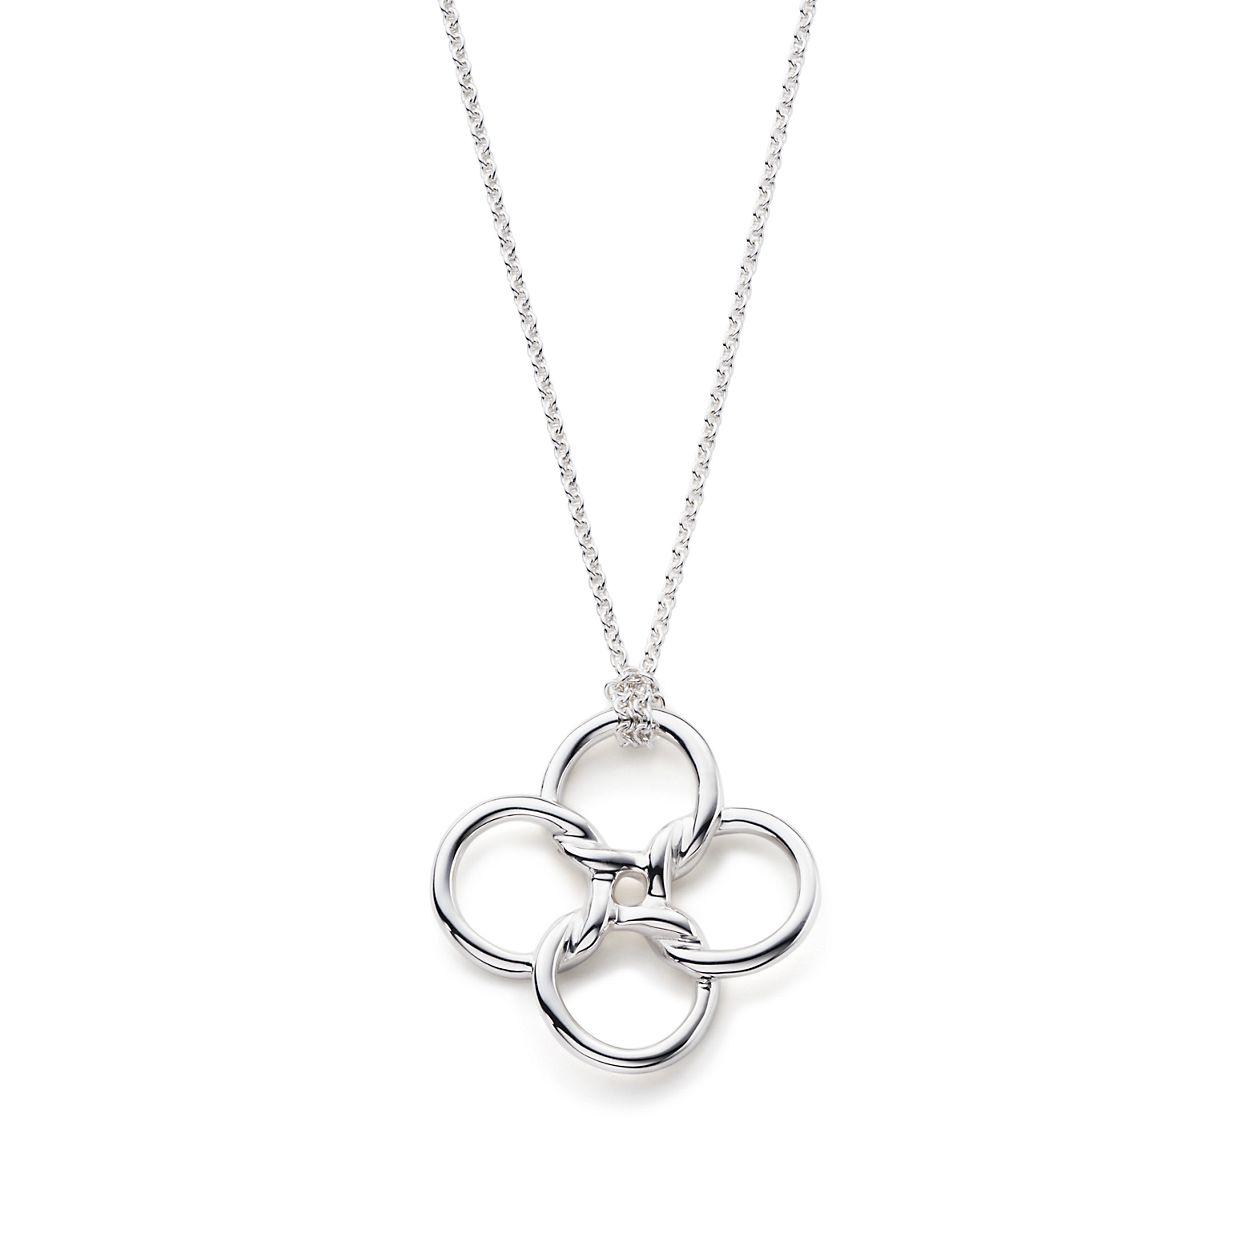 Elsa peretti quadrifoglio pendant in sterling silver medium elsa perettiquadrifoglio pendant mozeypictures Gallery